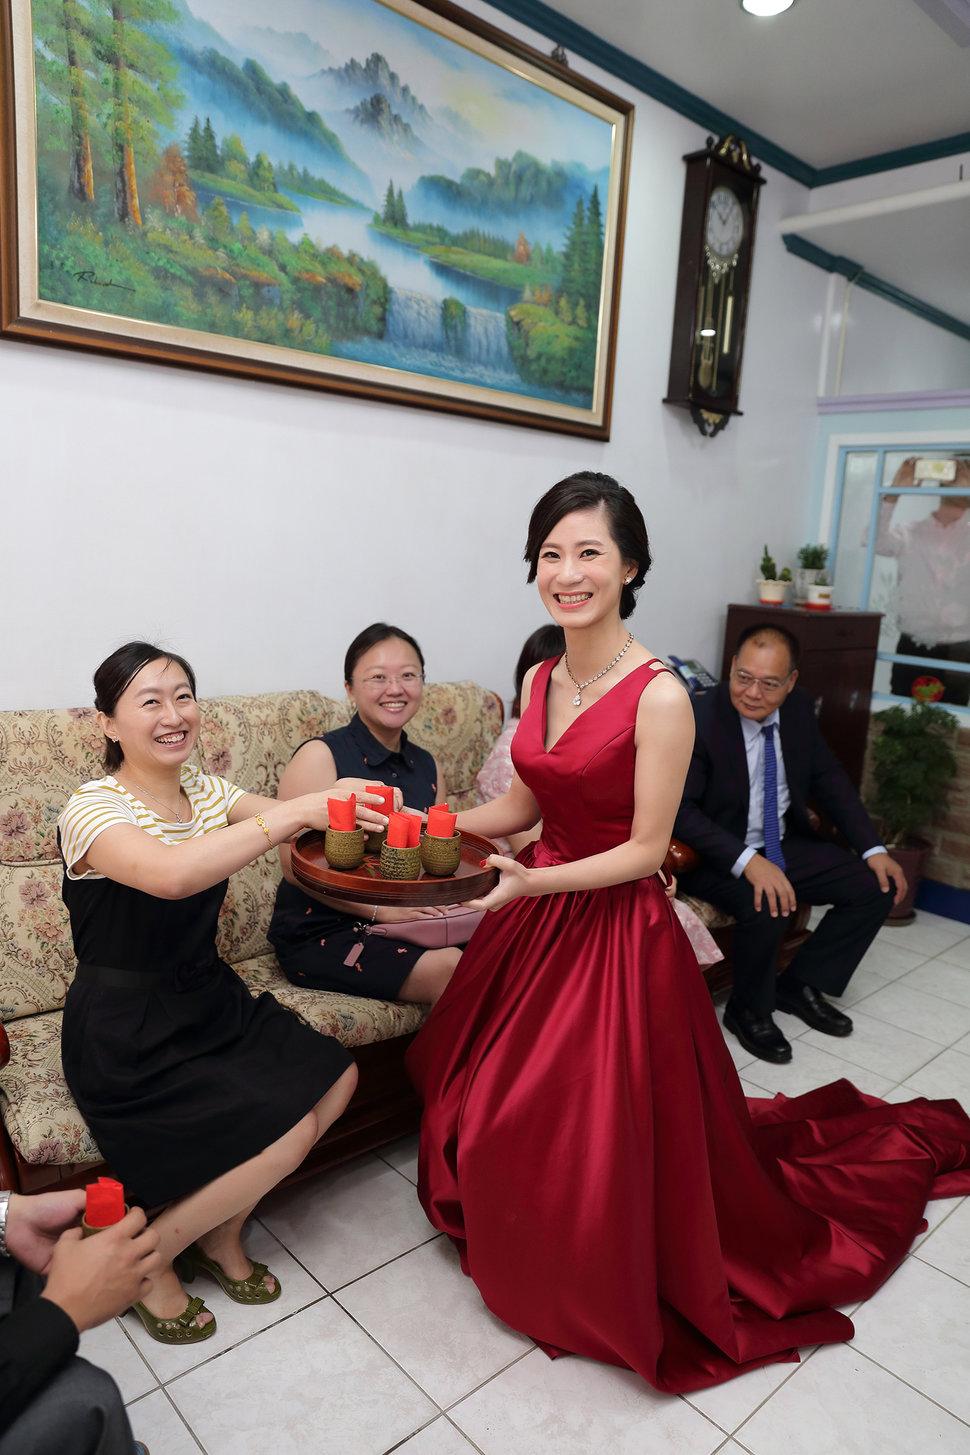 058A1079 - 倪秉影像 婚禮紀實攝影 - 結婚吧